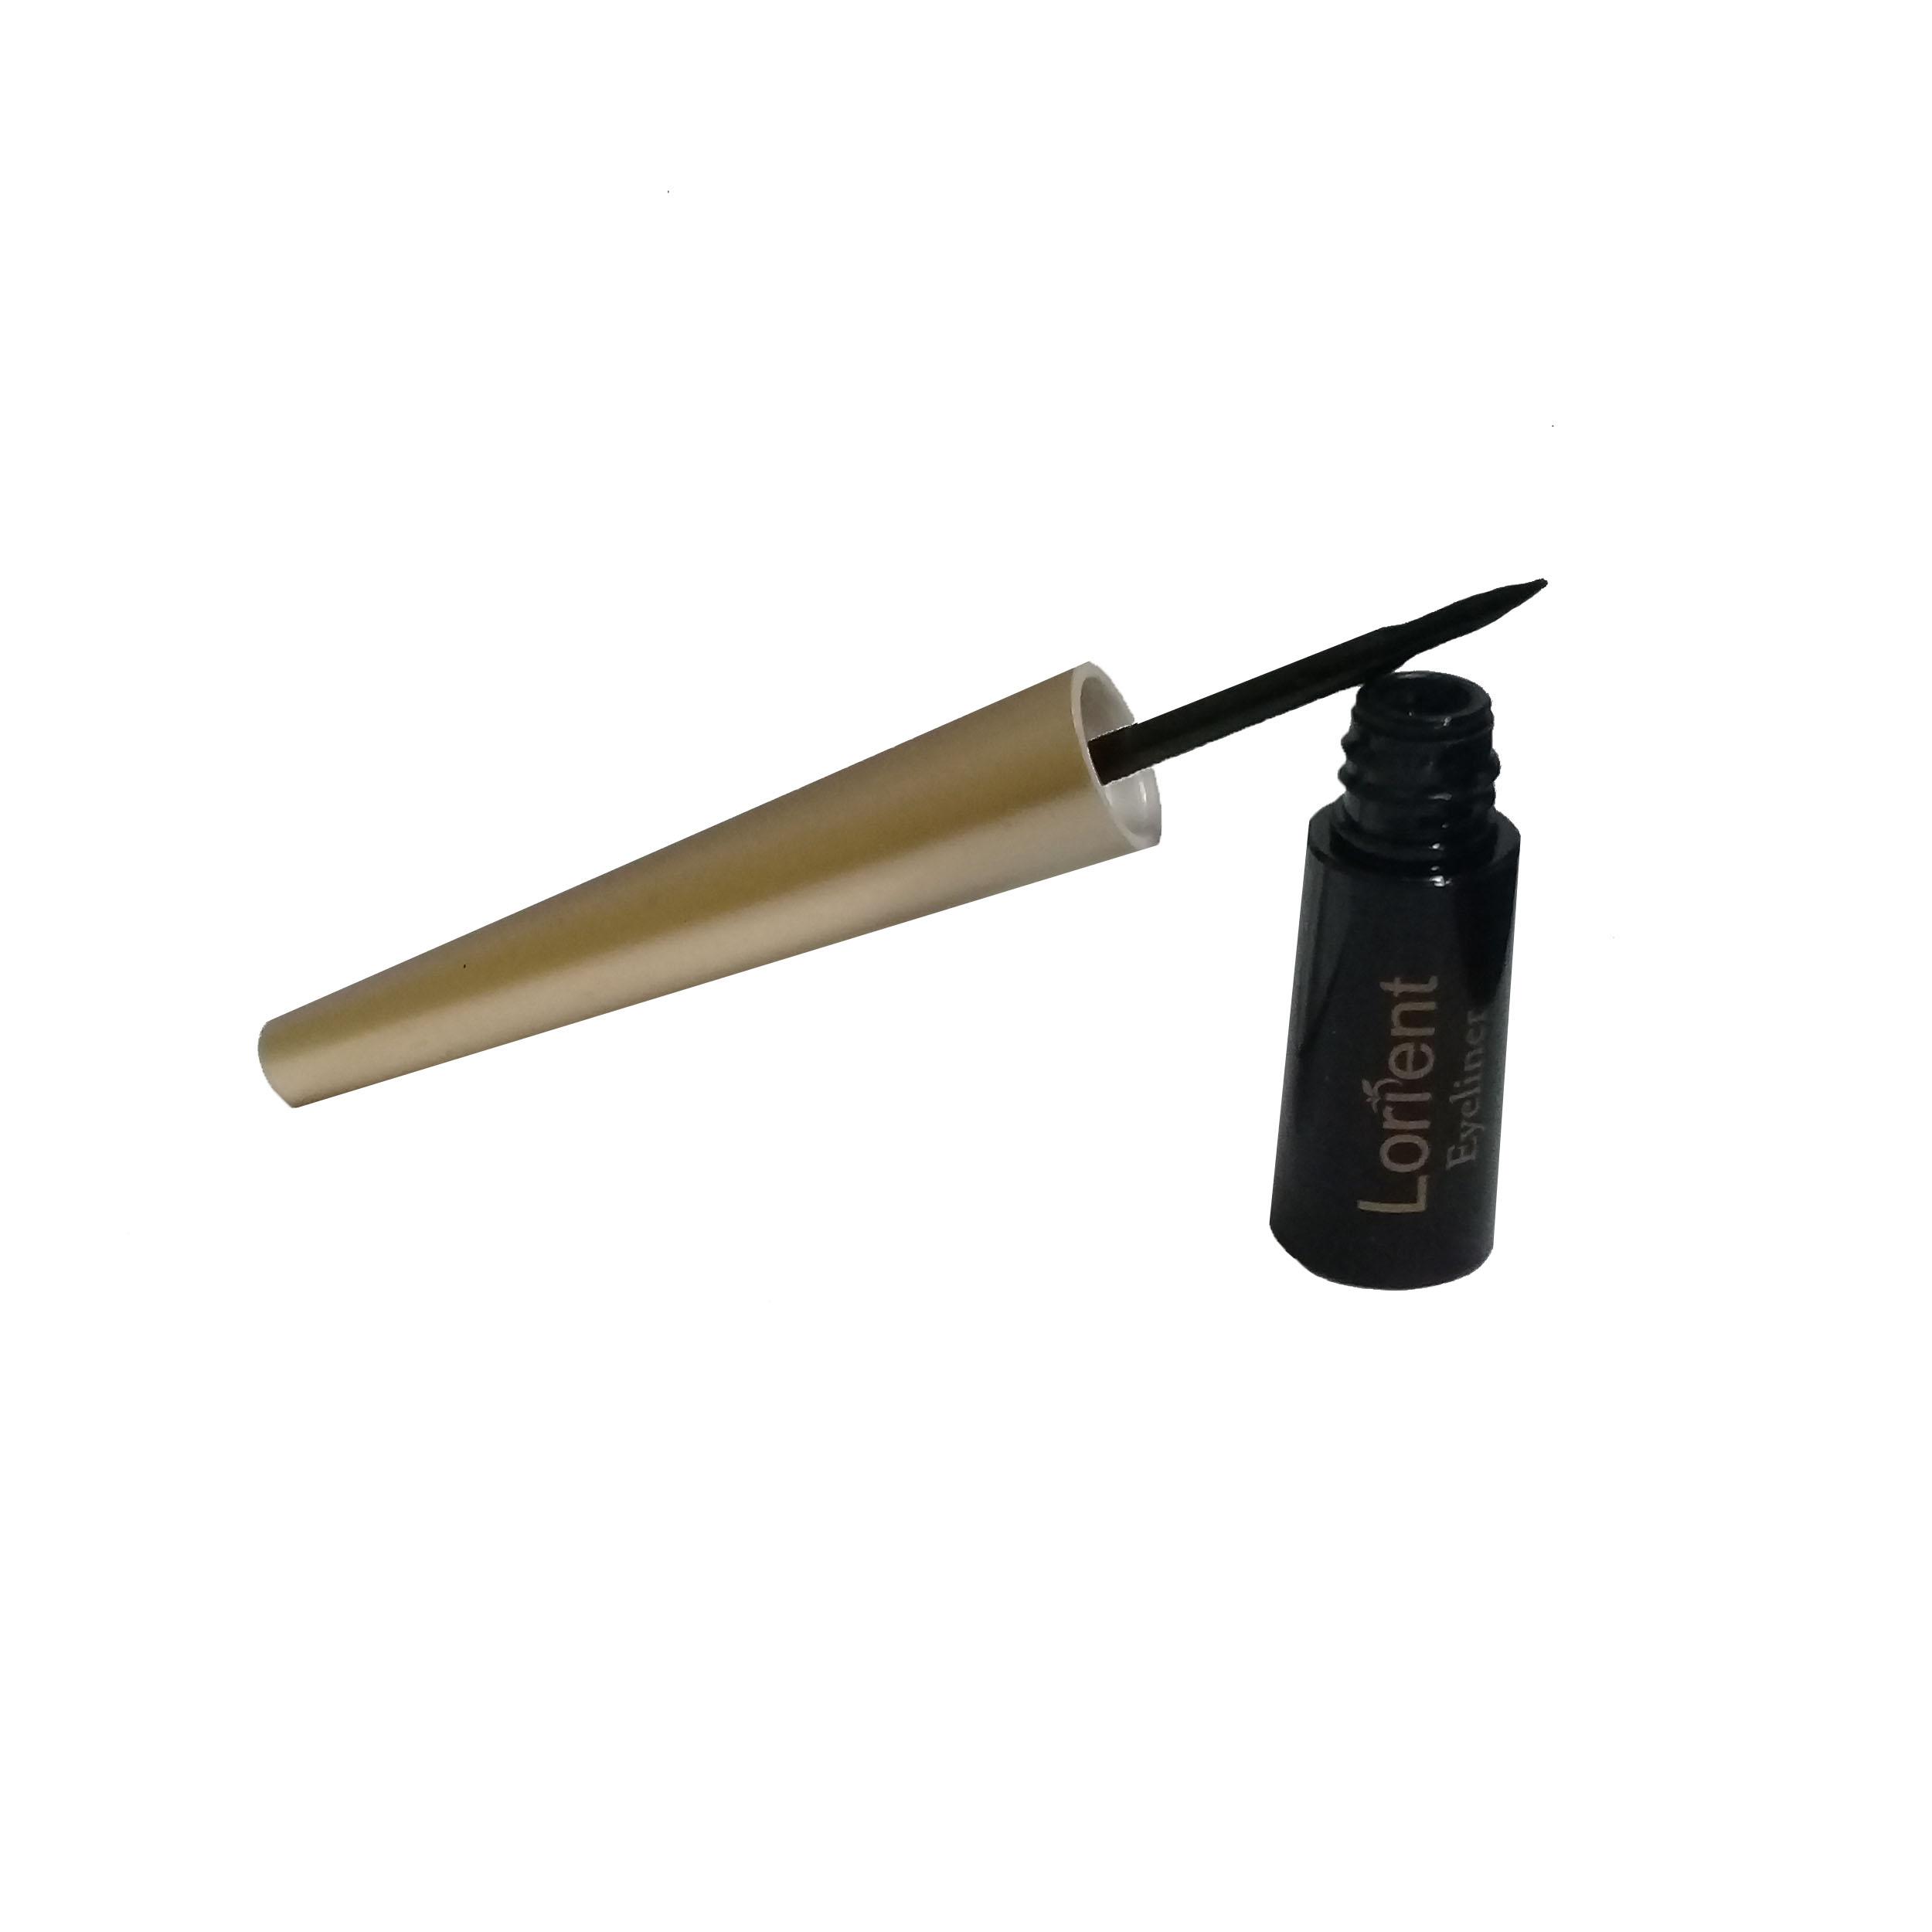 خط چشم ماژیکی لورینت مدل Eyeliner حجم 3.5 میلی لیتر